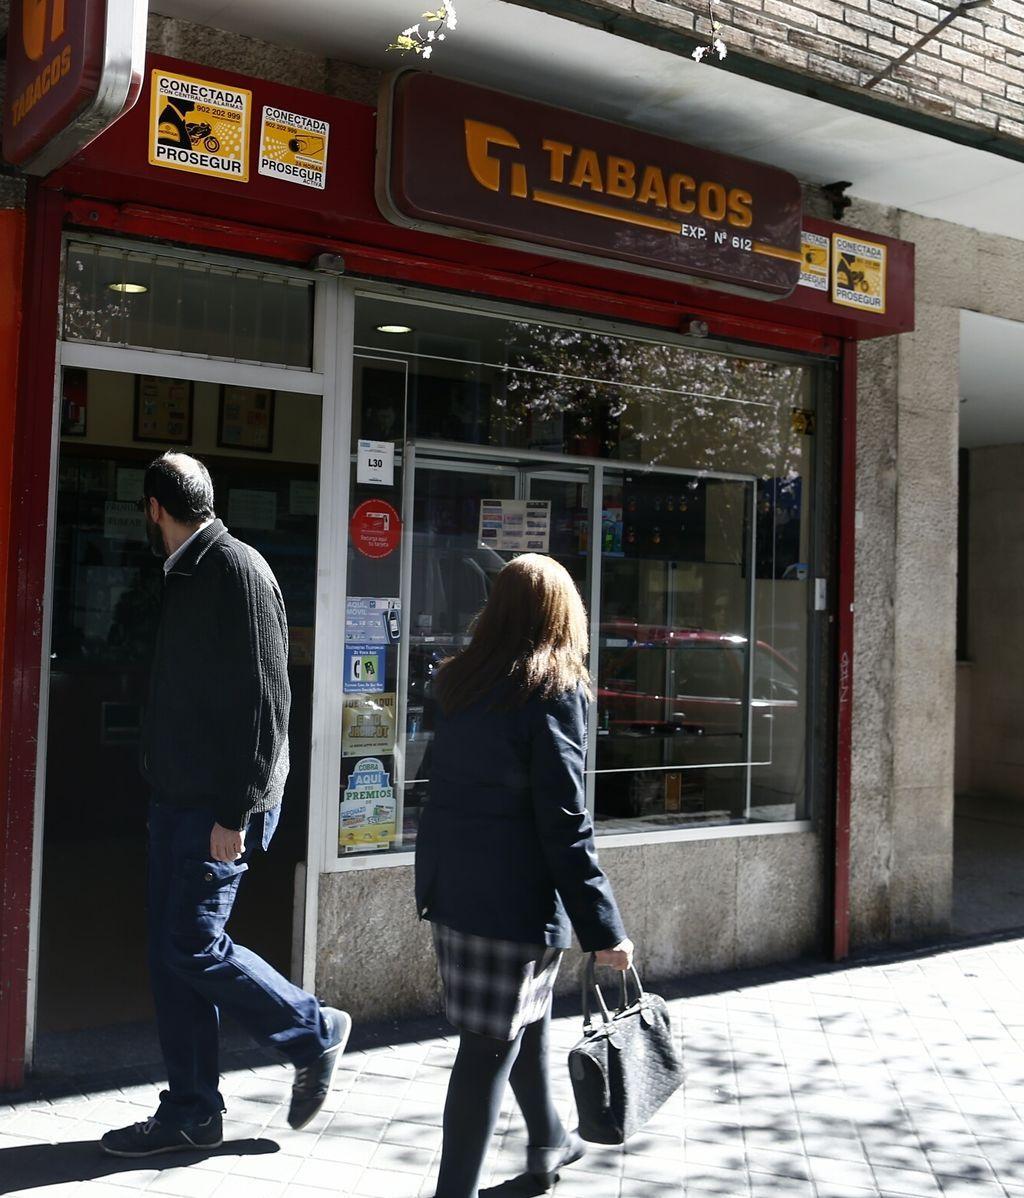 EuropaPress_2666561_estanco_estancos_cajetilla_tabaco_cigarro_fumar_consumo